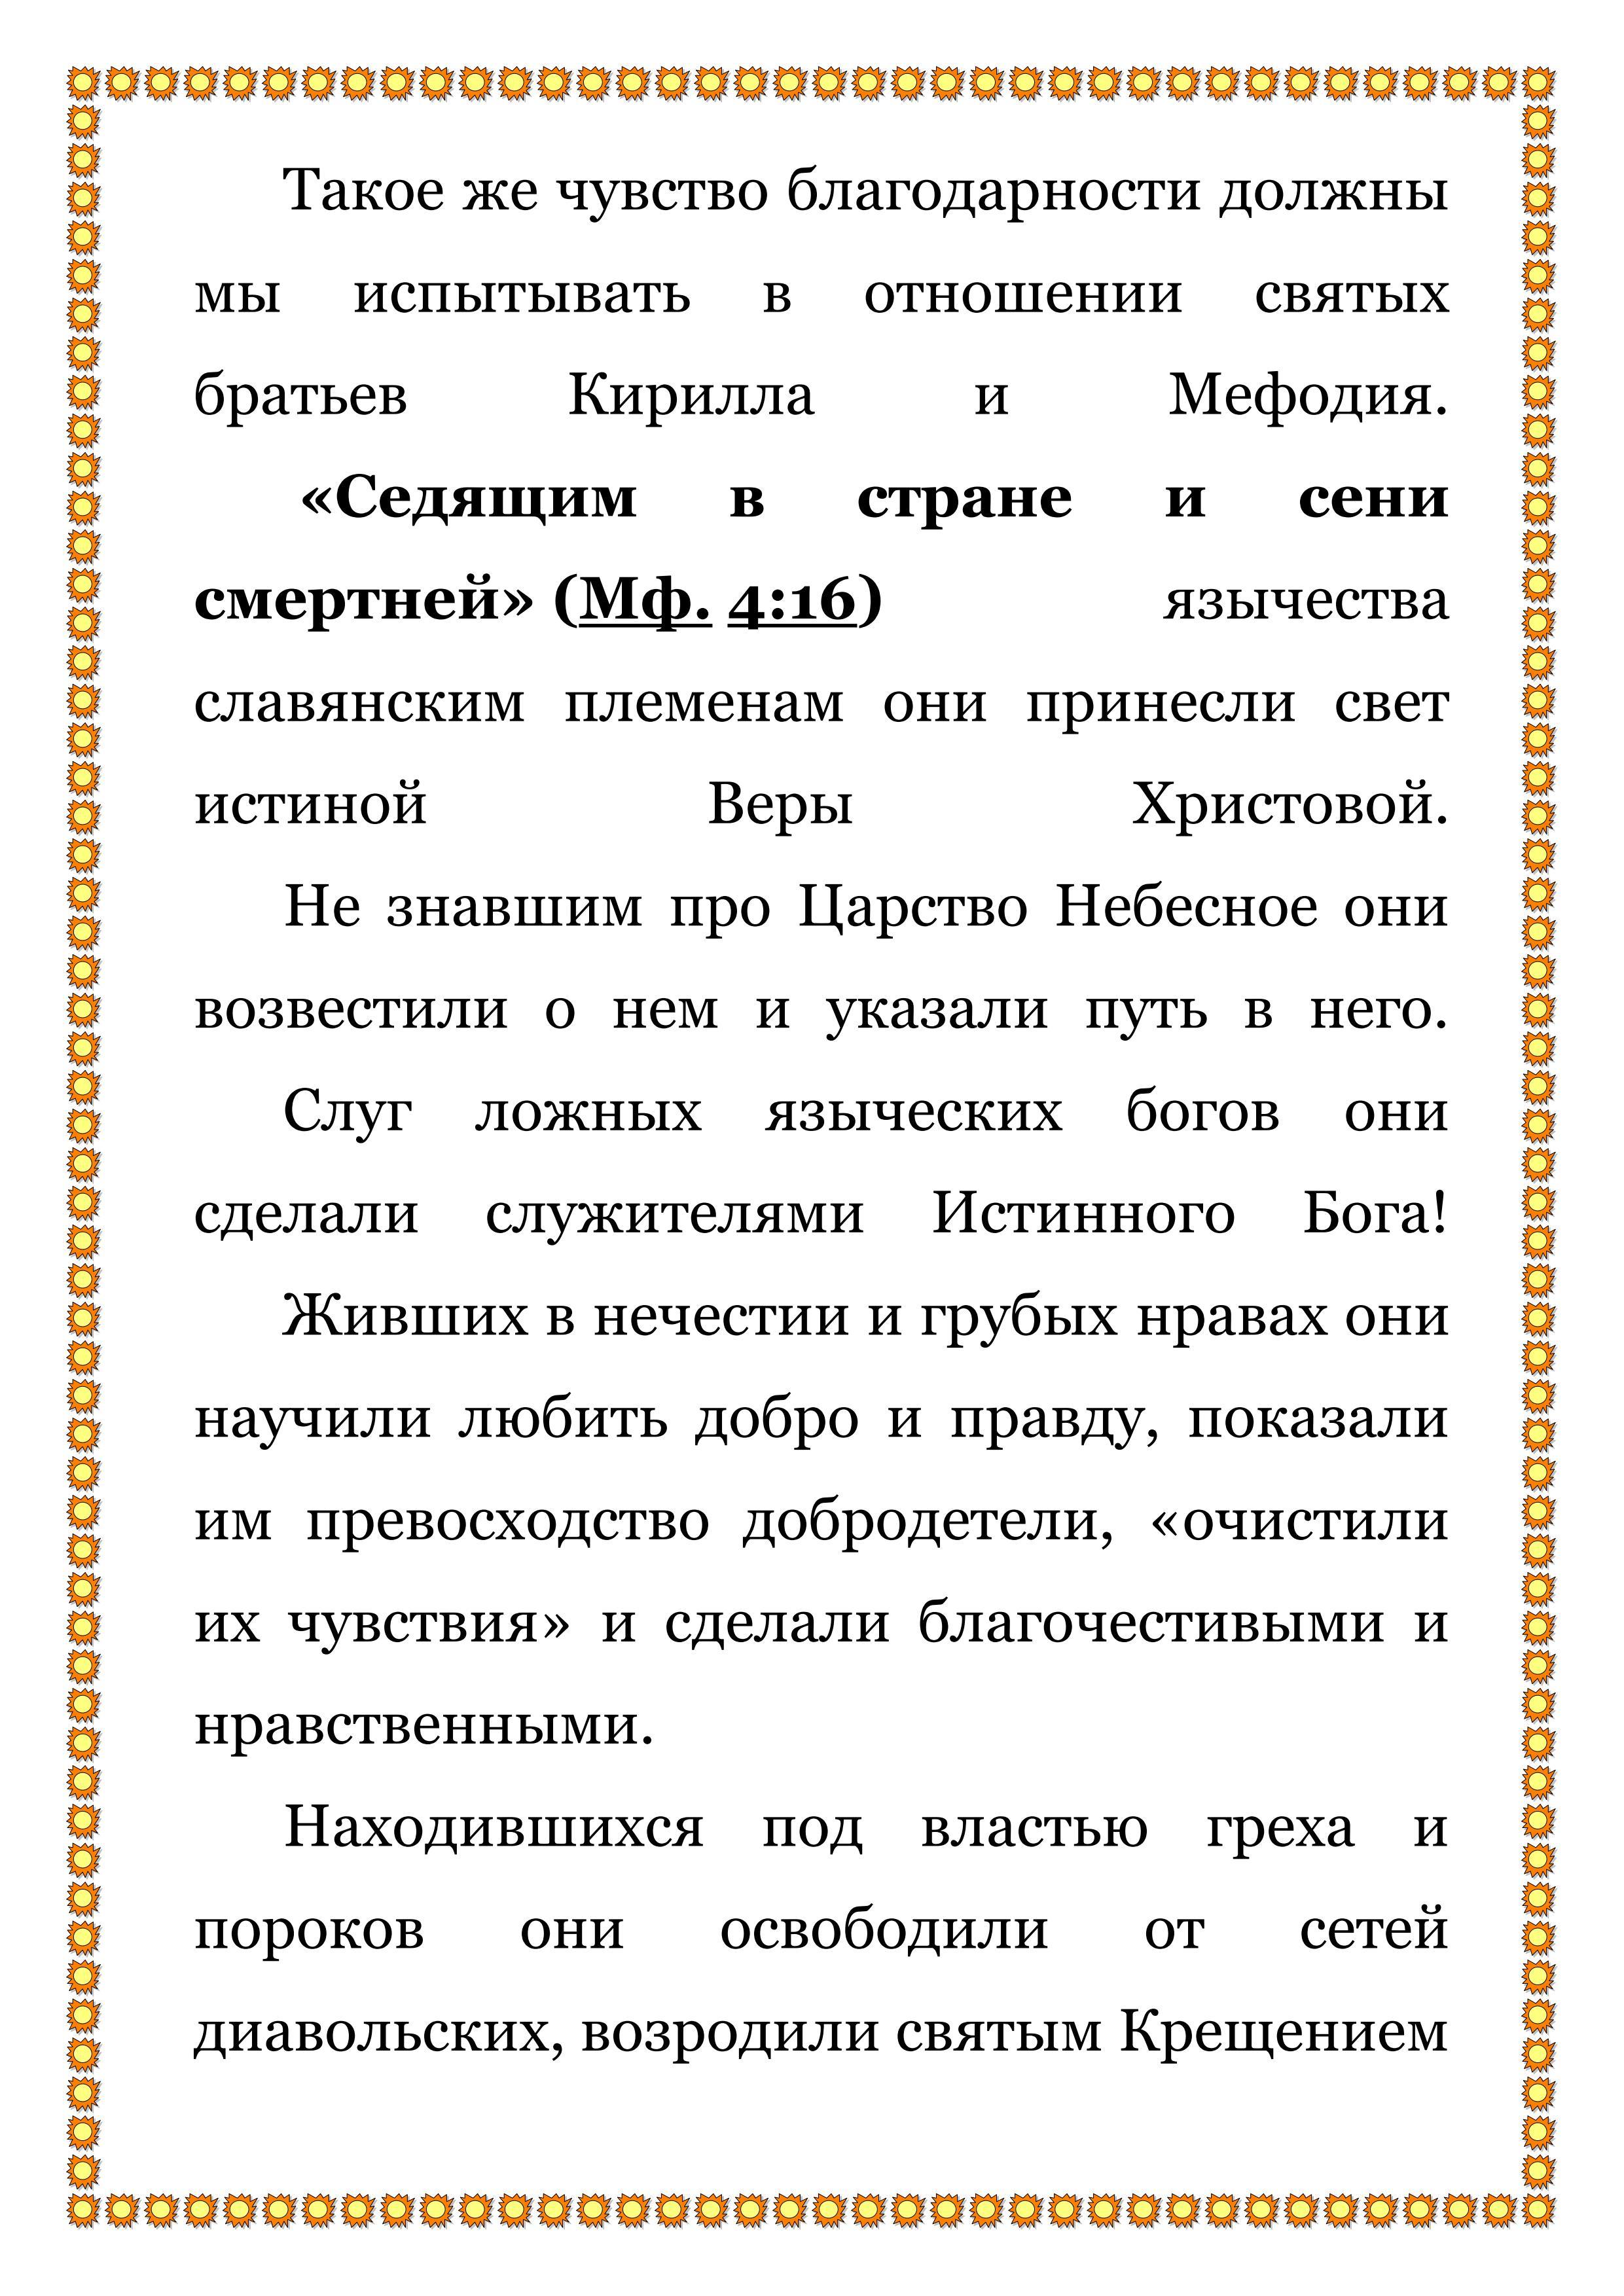 святые Кирилл и Мефодий_02